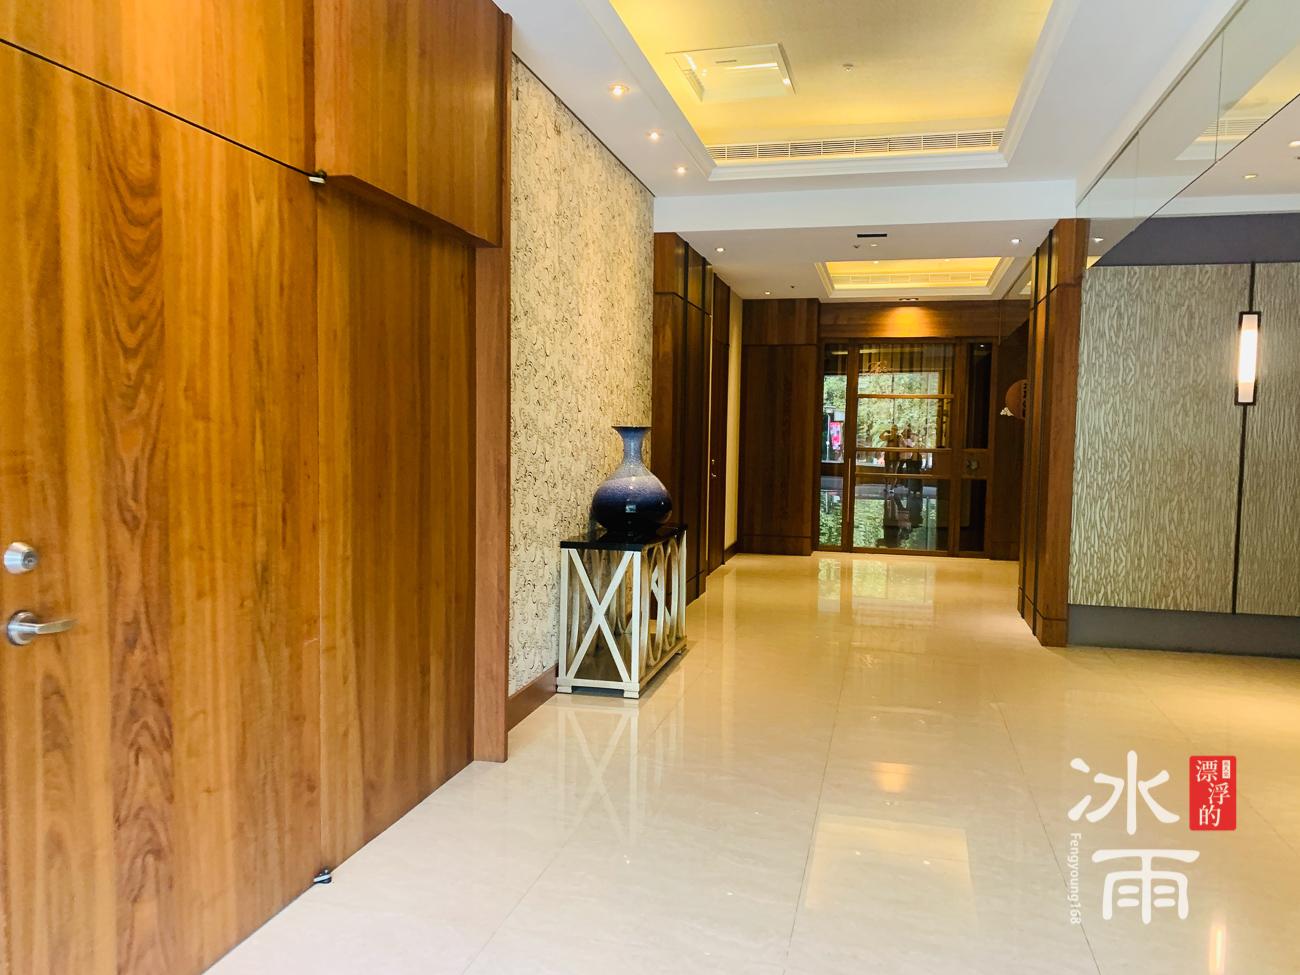 南豐天玥泉 北投館|大眾池入口